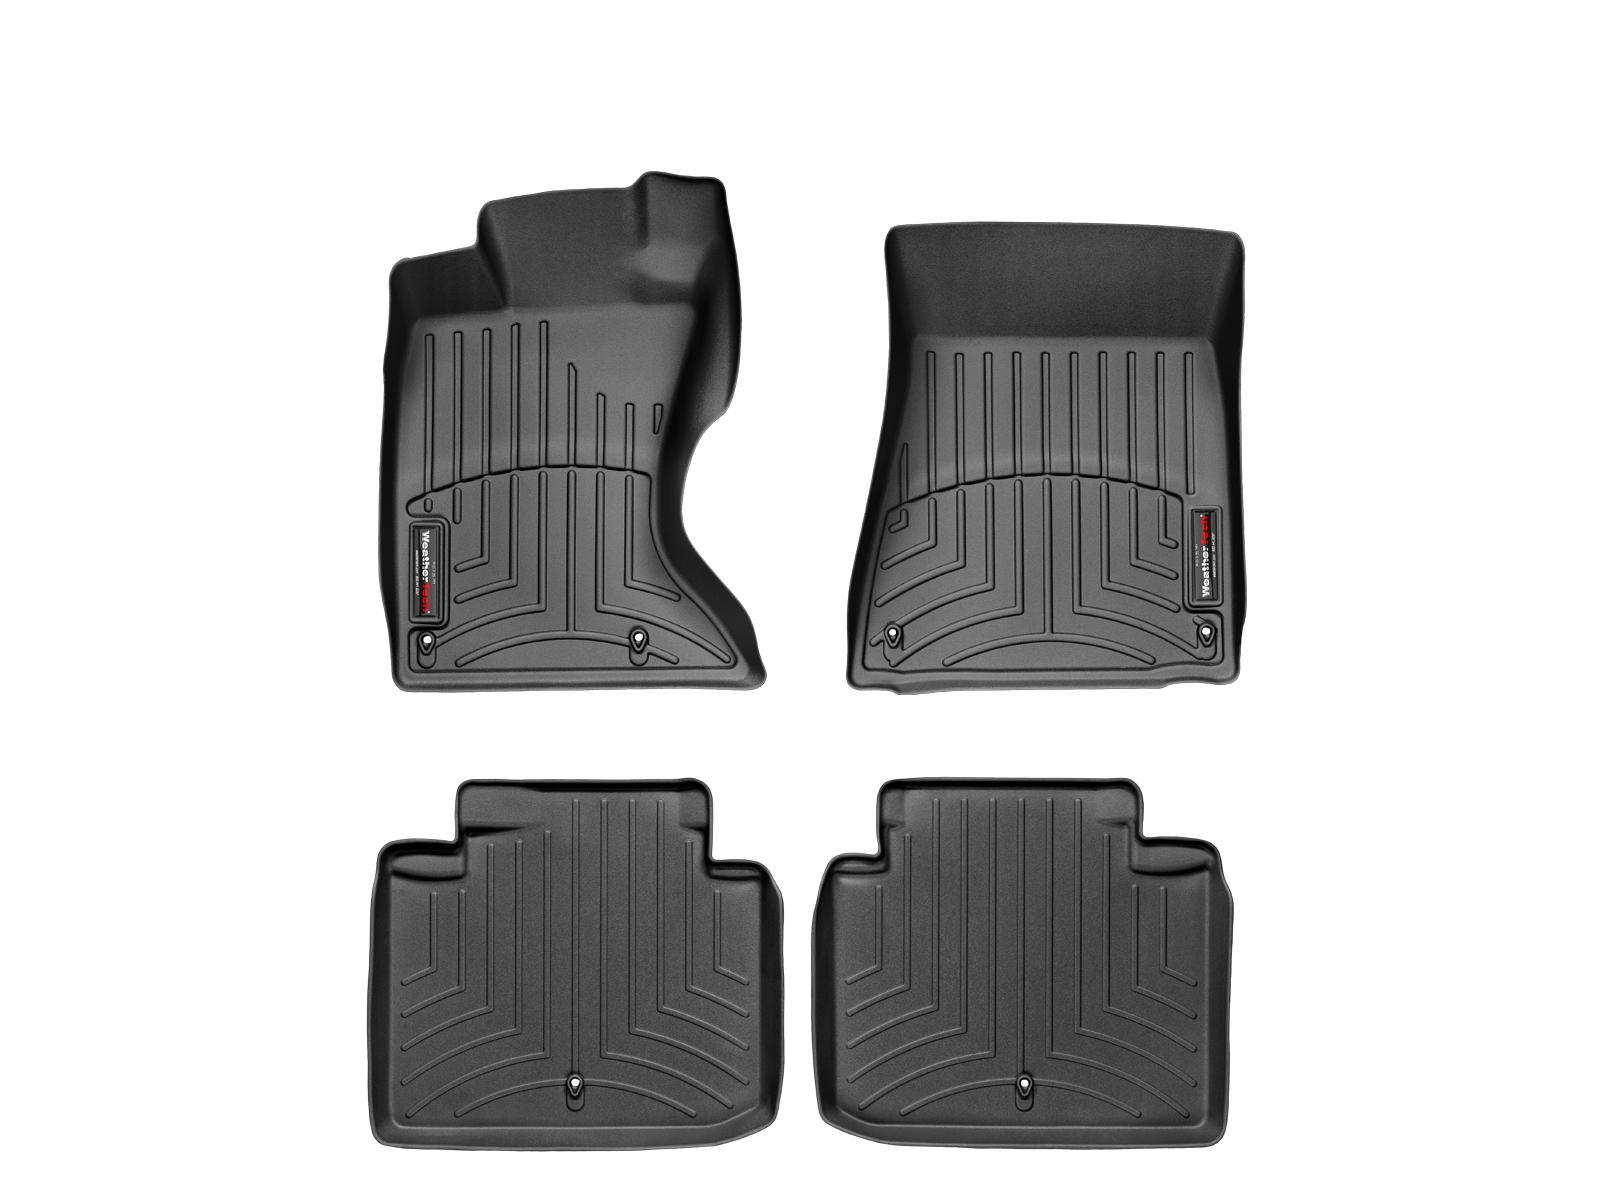 Tappeti gomma su misura bordo alto Lexus GS 350 / GS 460 05>11 Nero A2030